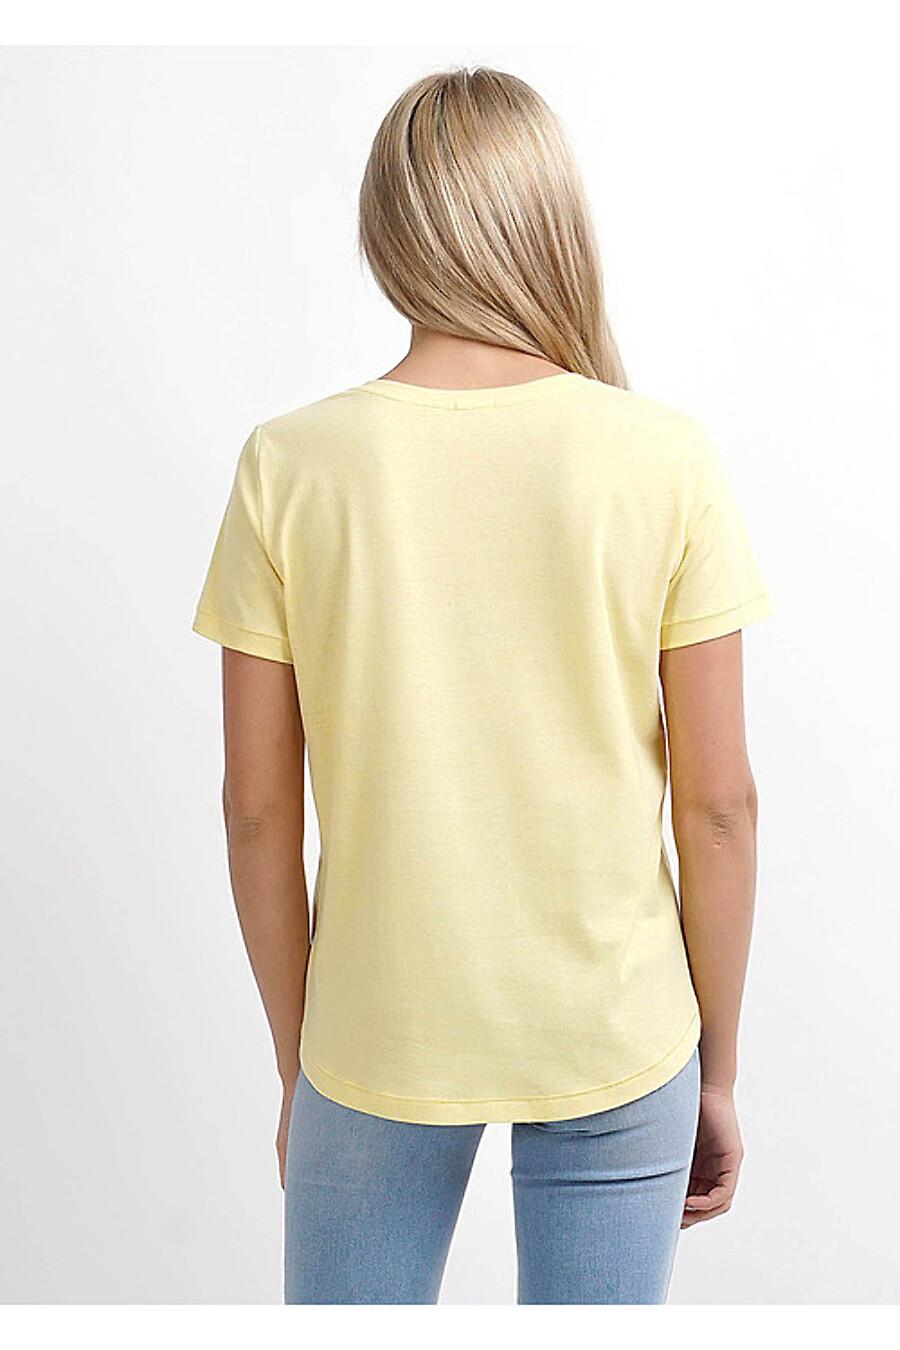 Футболка для женщин CLEVER 169276 купить оптом от производителя. Совместная покупка женской одежды в OptMoyo